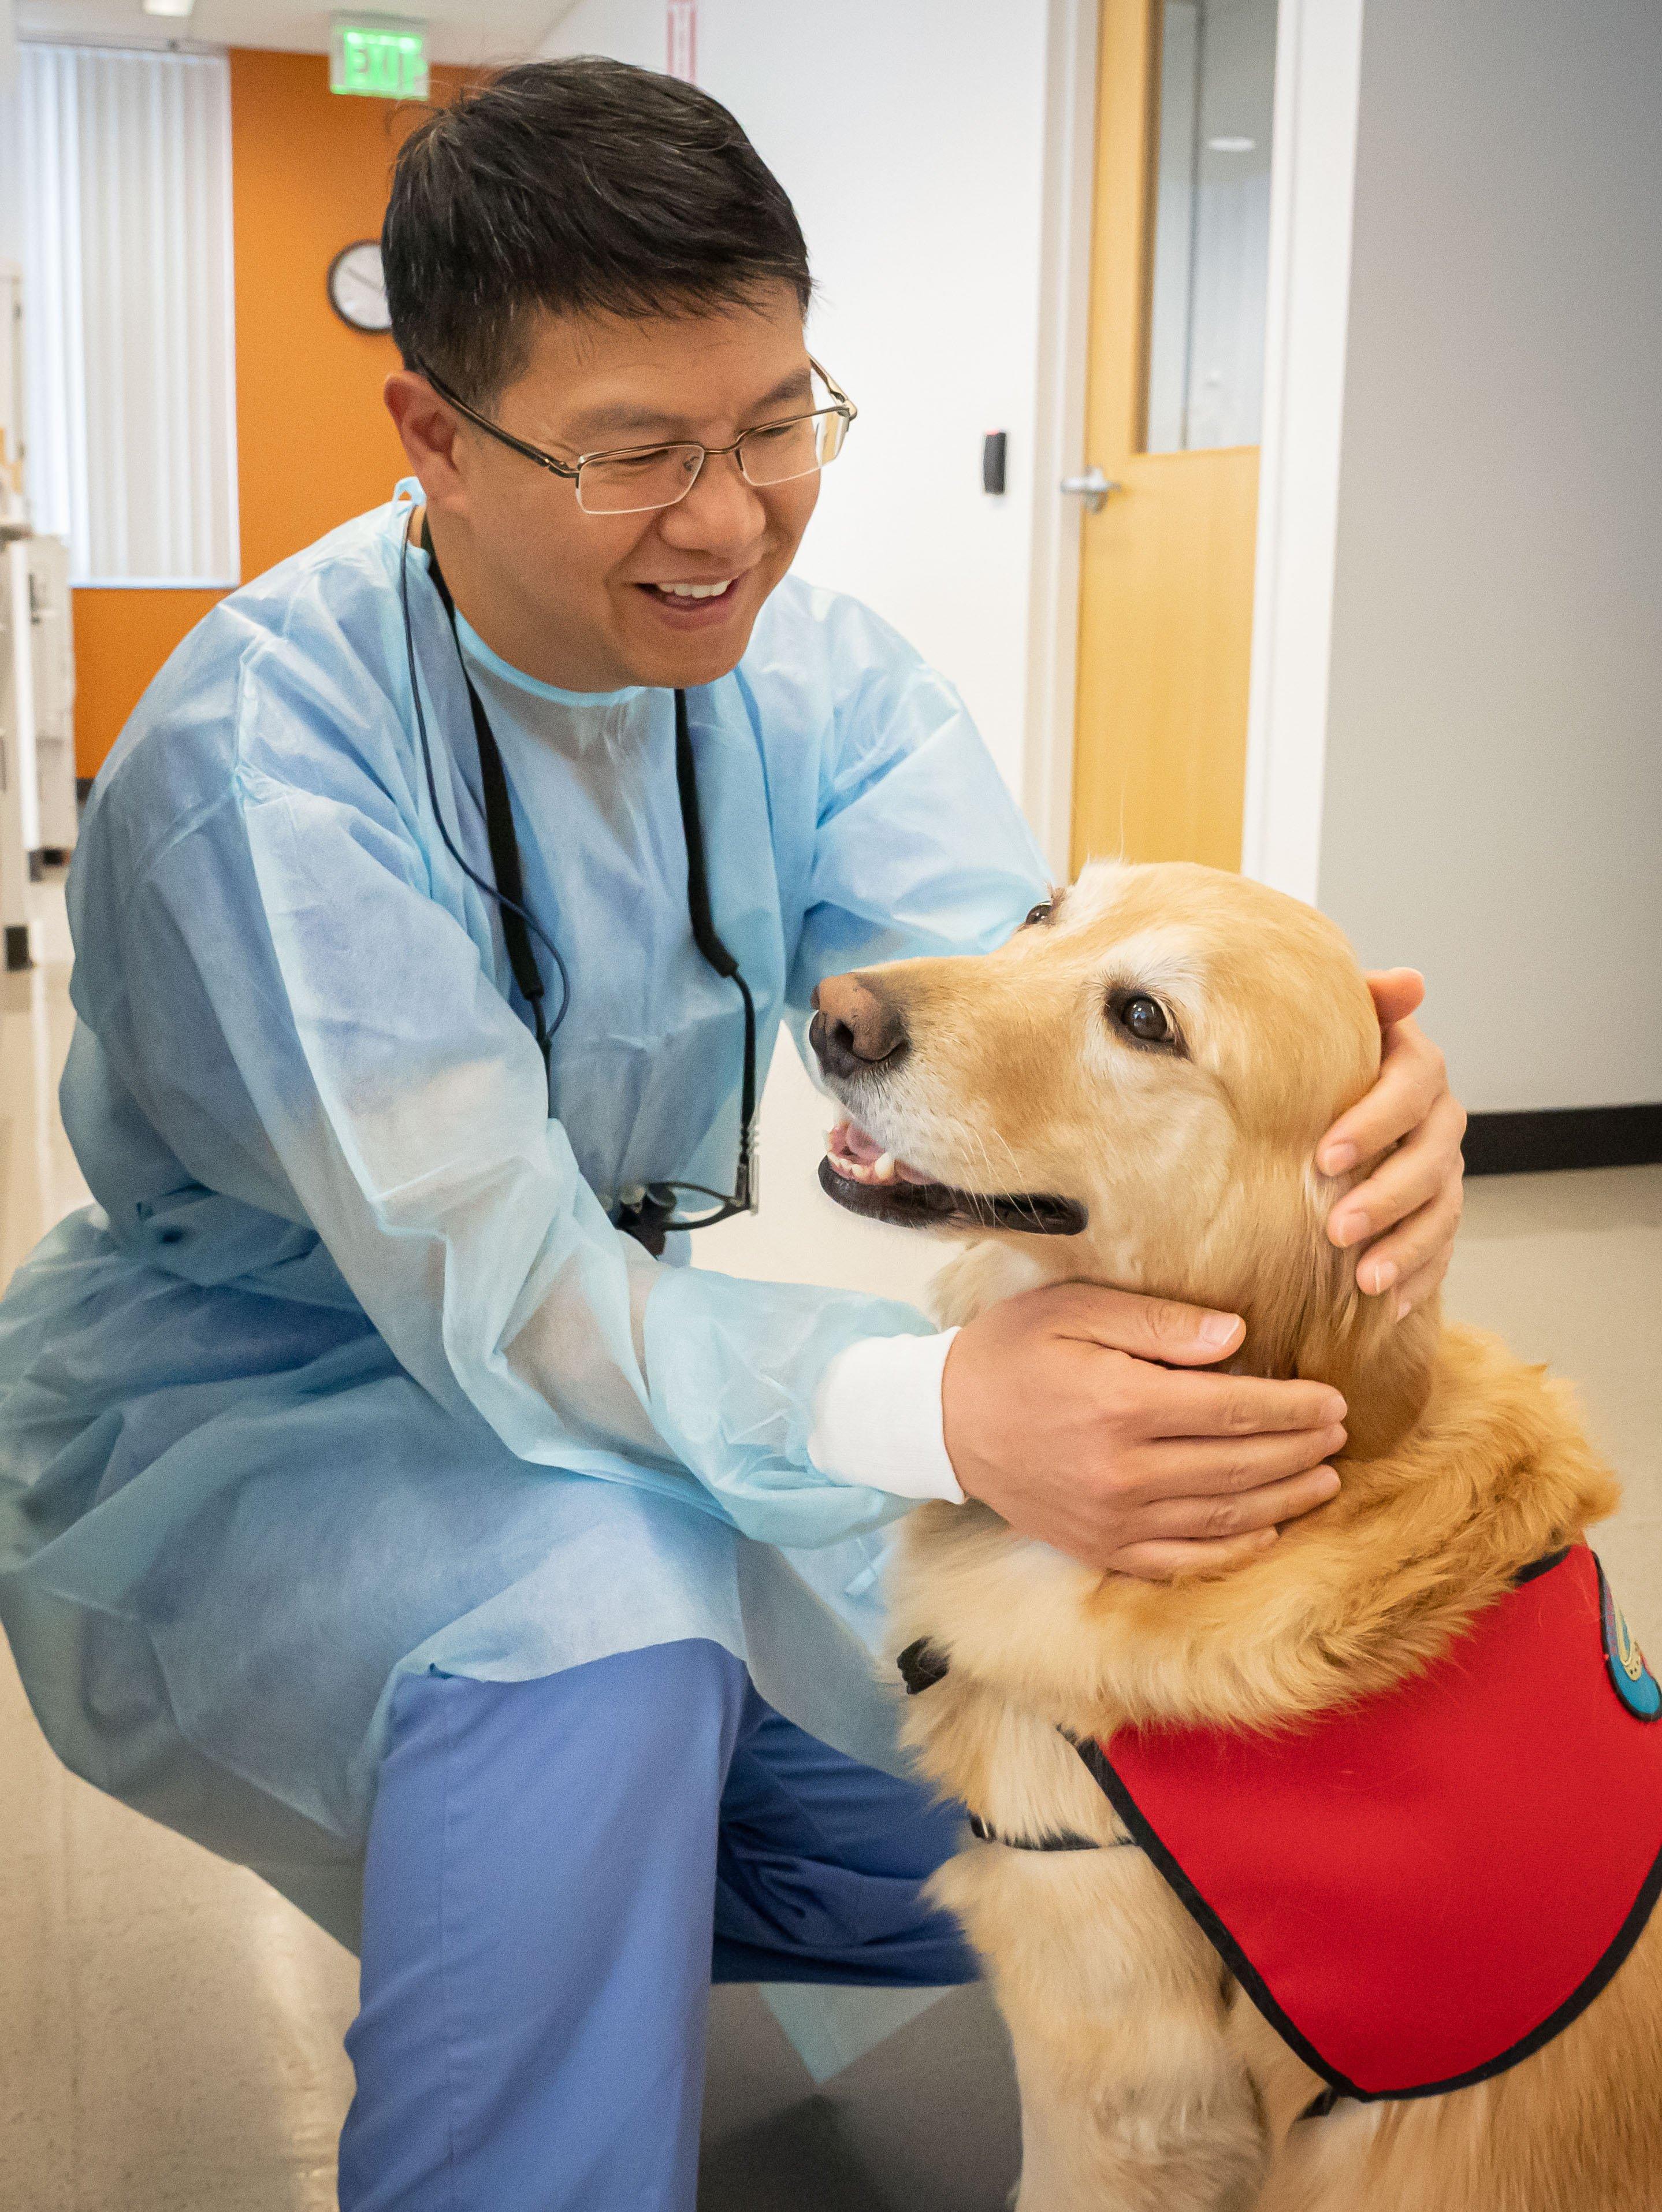 DogTherapyDentist&Dog